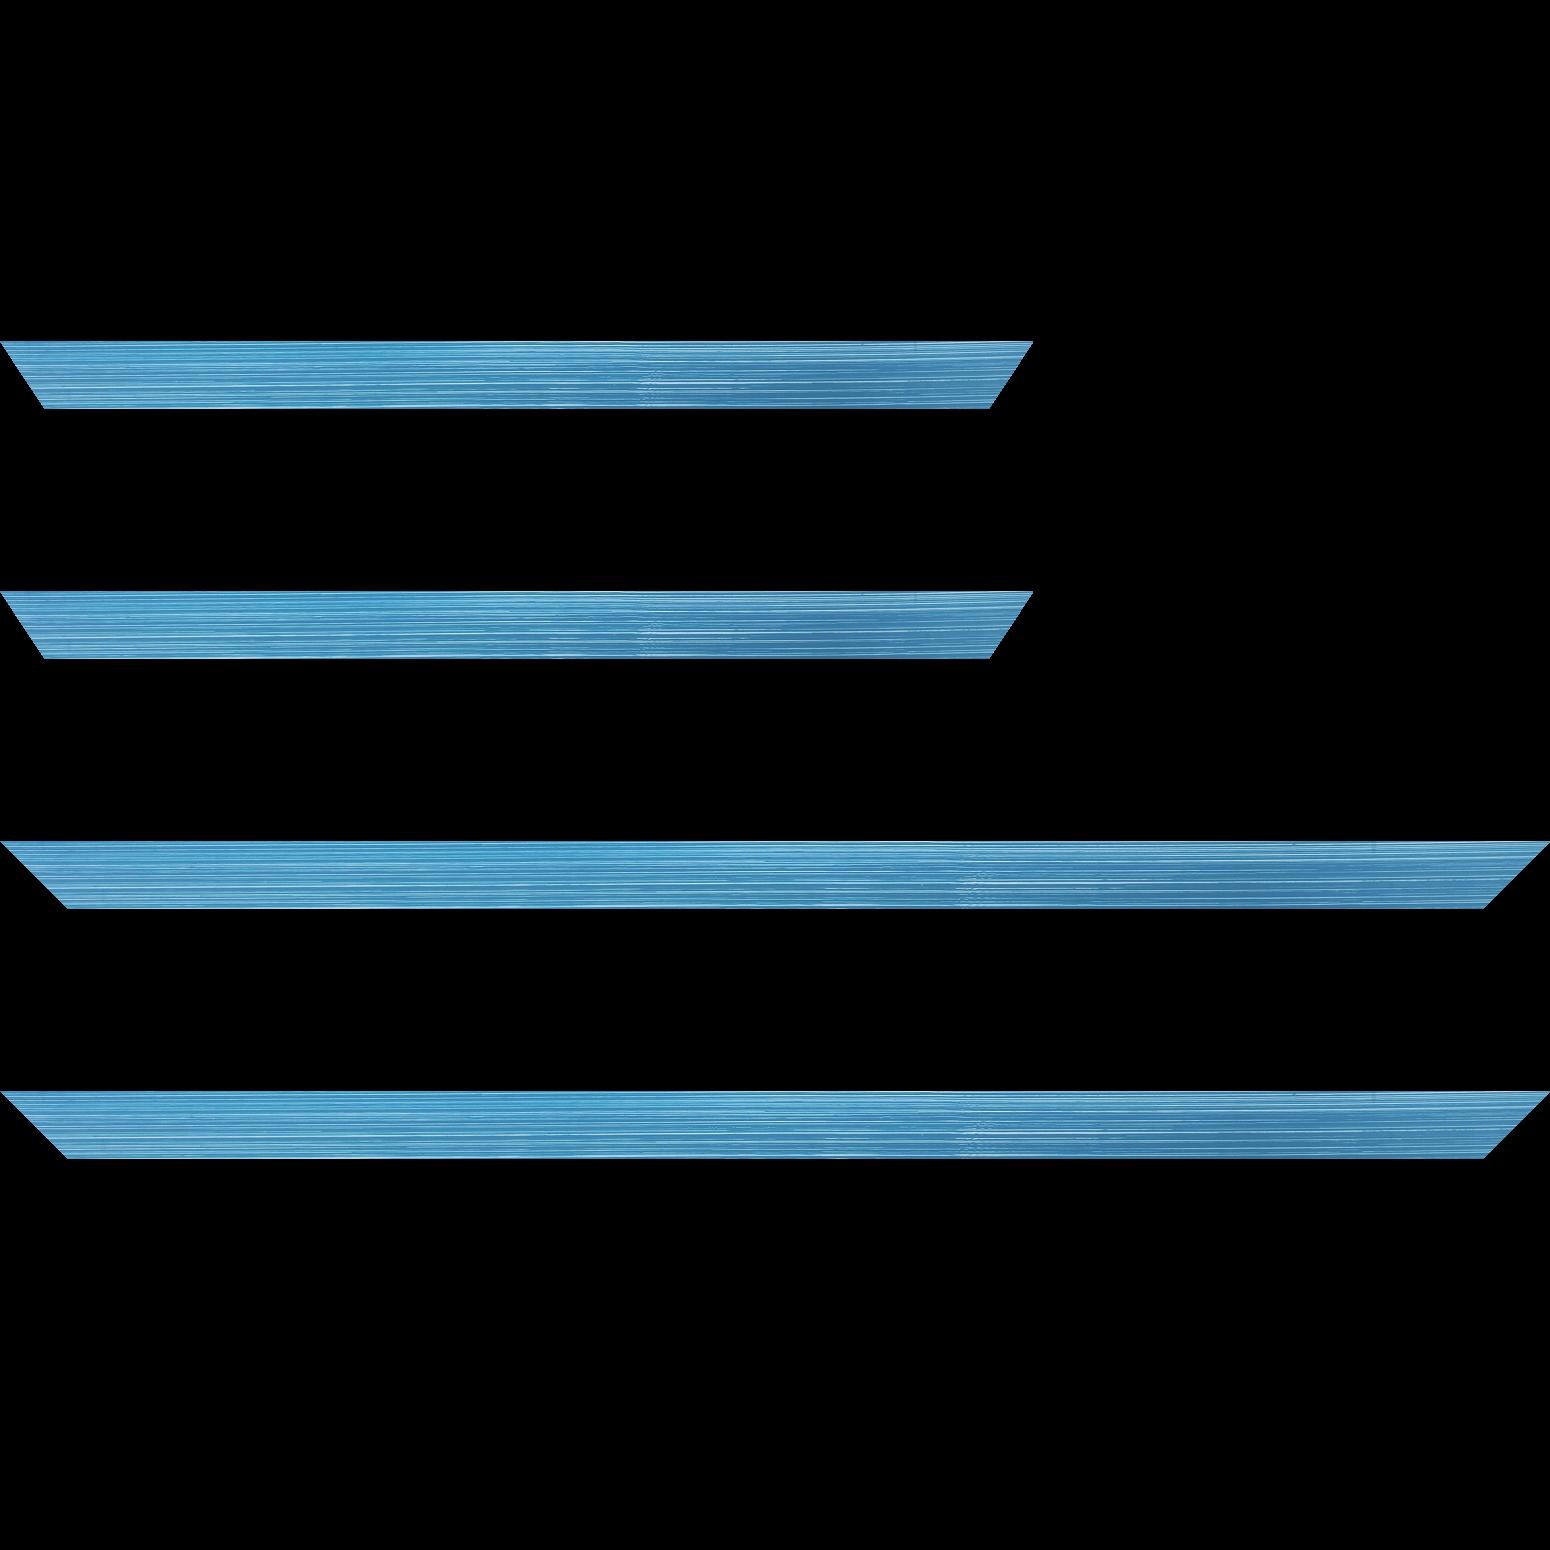 Baguette service précoupé Bois profil concave largeur 2.4cm couleur bleu clair effet matière fond blanc